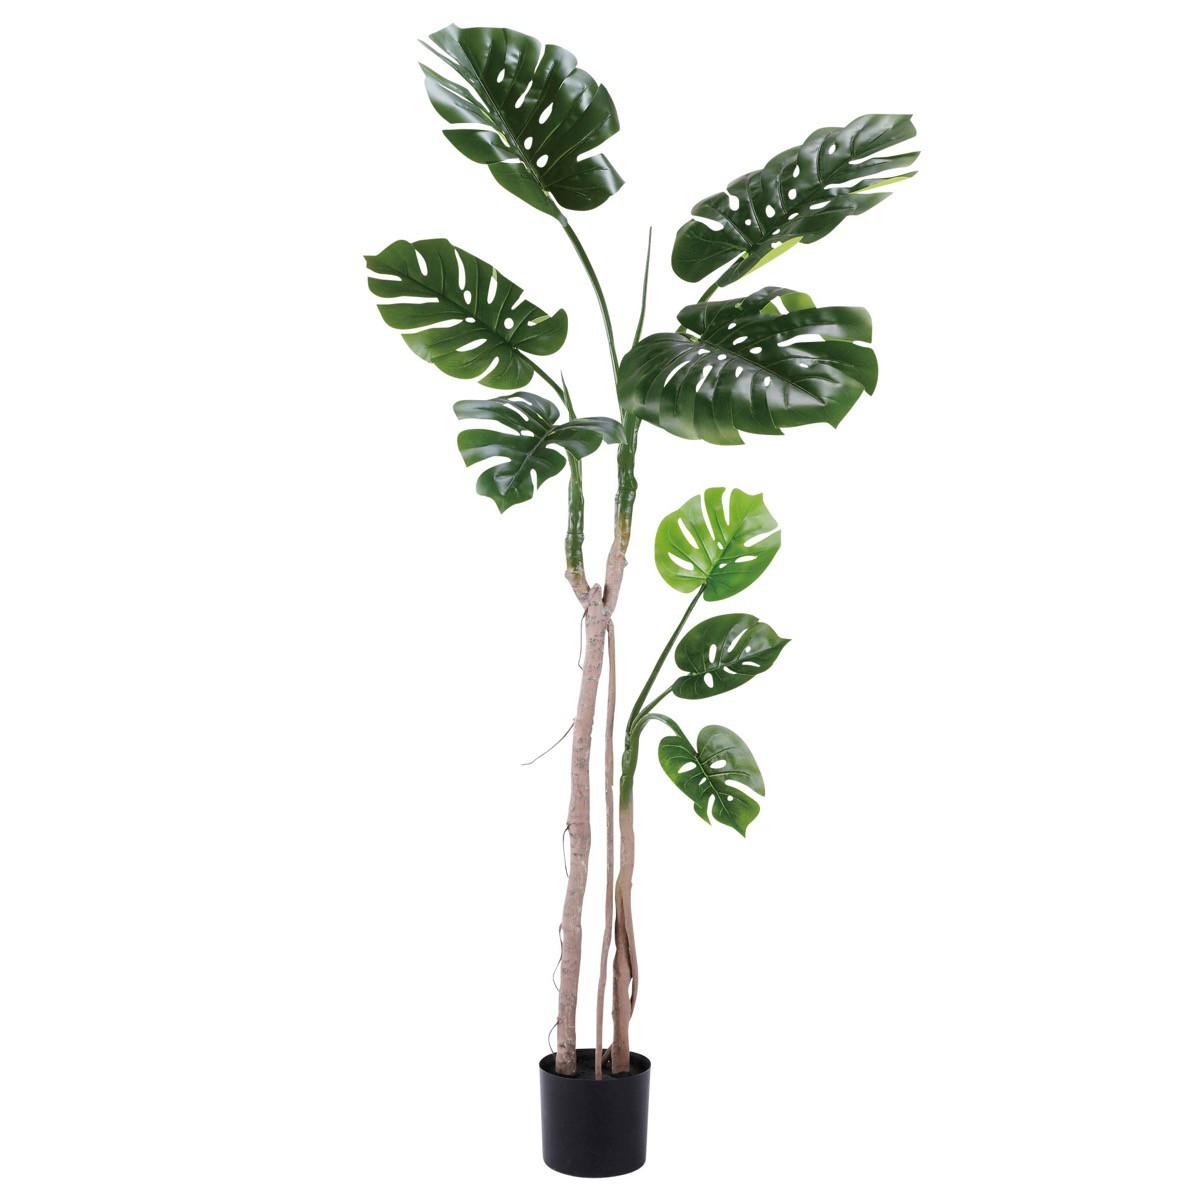 人工観葉植物 フェイクグリーン 観葉植物 造花 大型 モンスララ 小 170cm インテリア おしゃれ フェイク グリーン CT触媒 消臭 抗菌 お祝い